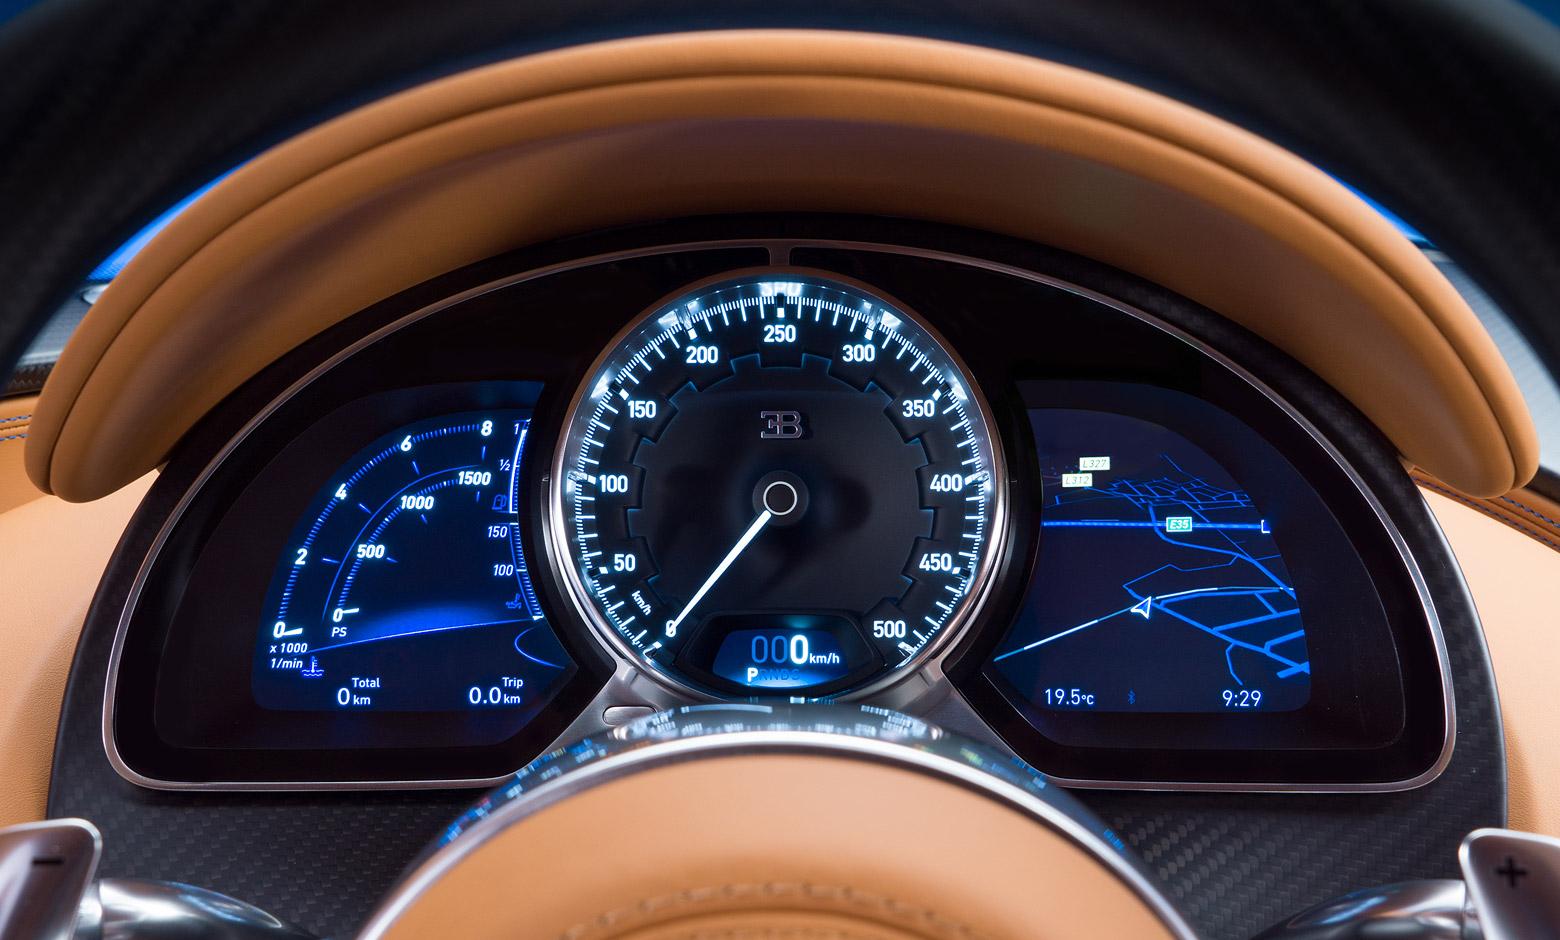 4 Άκου τα 1500 άλογα και θαύμασε την Bugatti Chiron Bugatti, Bugatti Chiron, Car sound, hypercar, supercars, top speed, videos